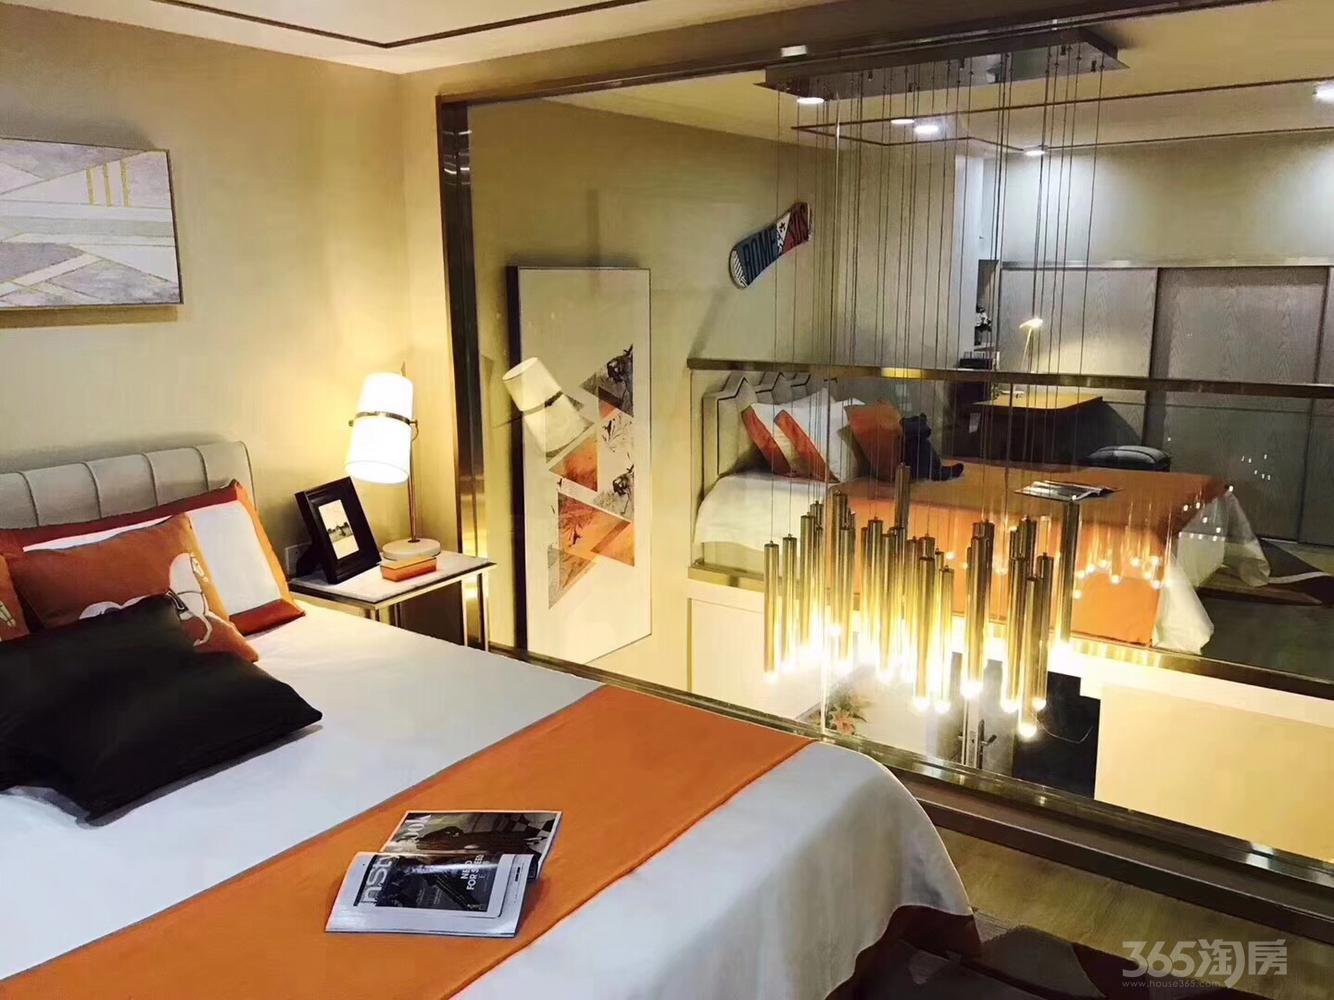 高品质地铁房的公寓房